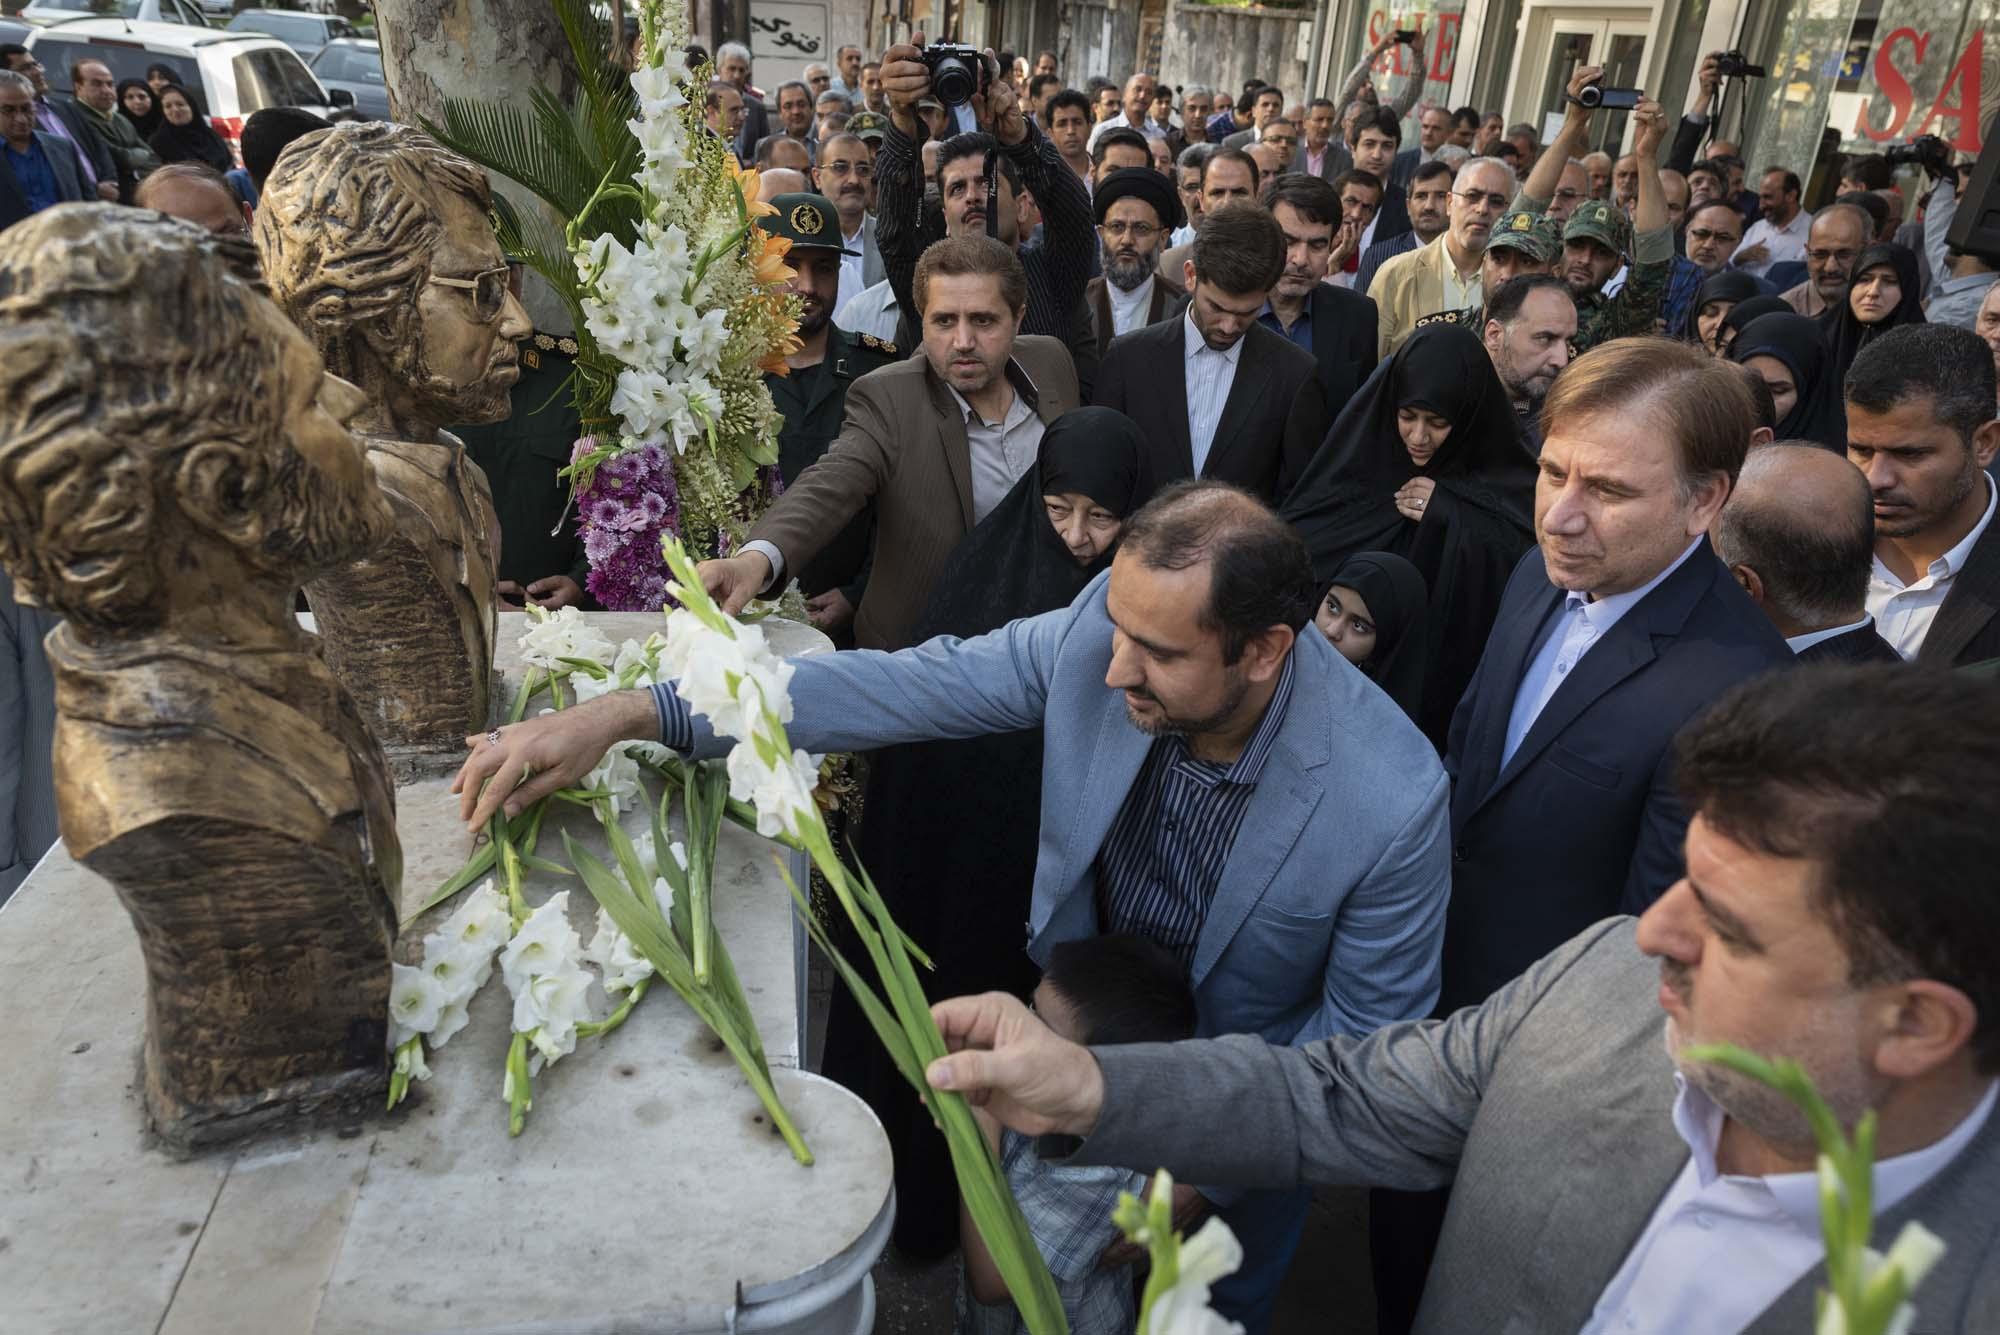 گلباران محل شهادت شهیدان انصاری و نورانی در رشت با حضور سرپرست استانداری گیلان